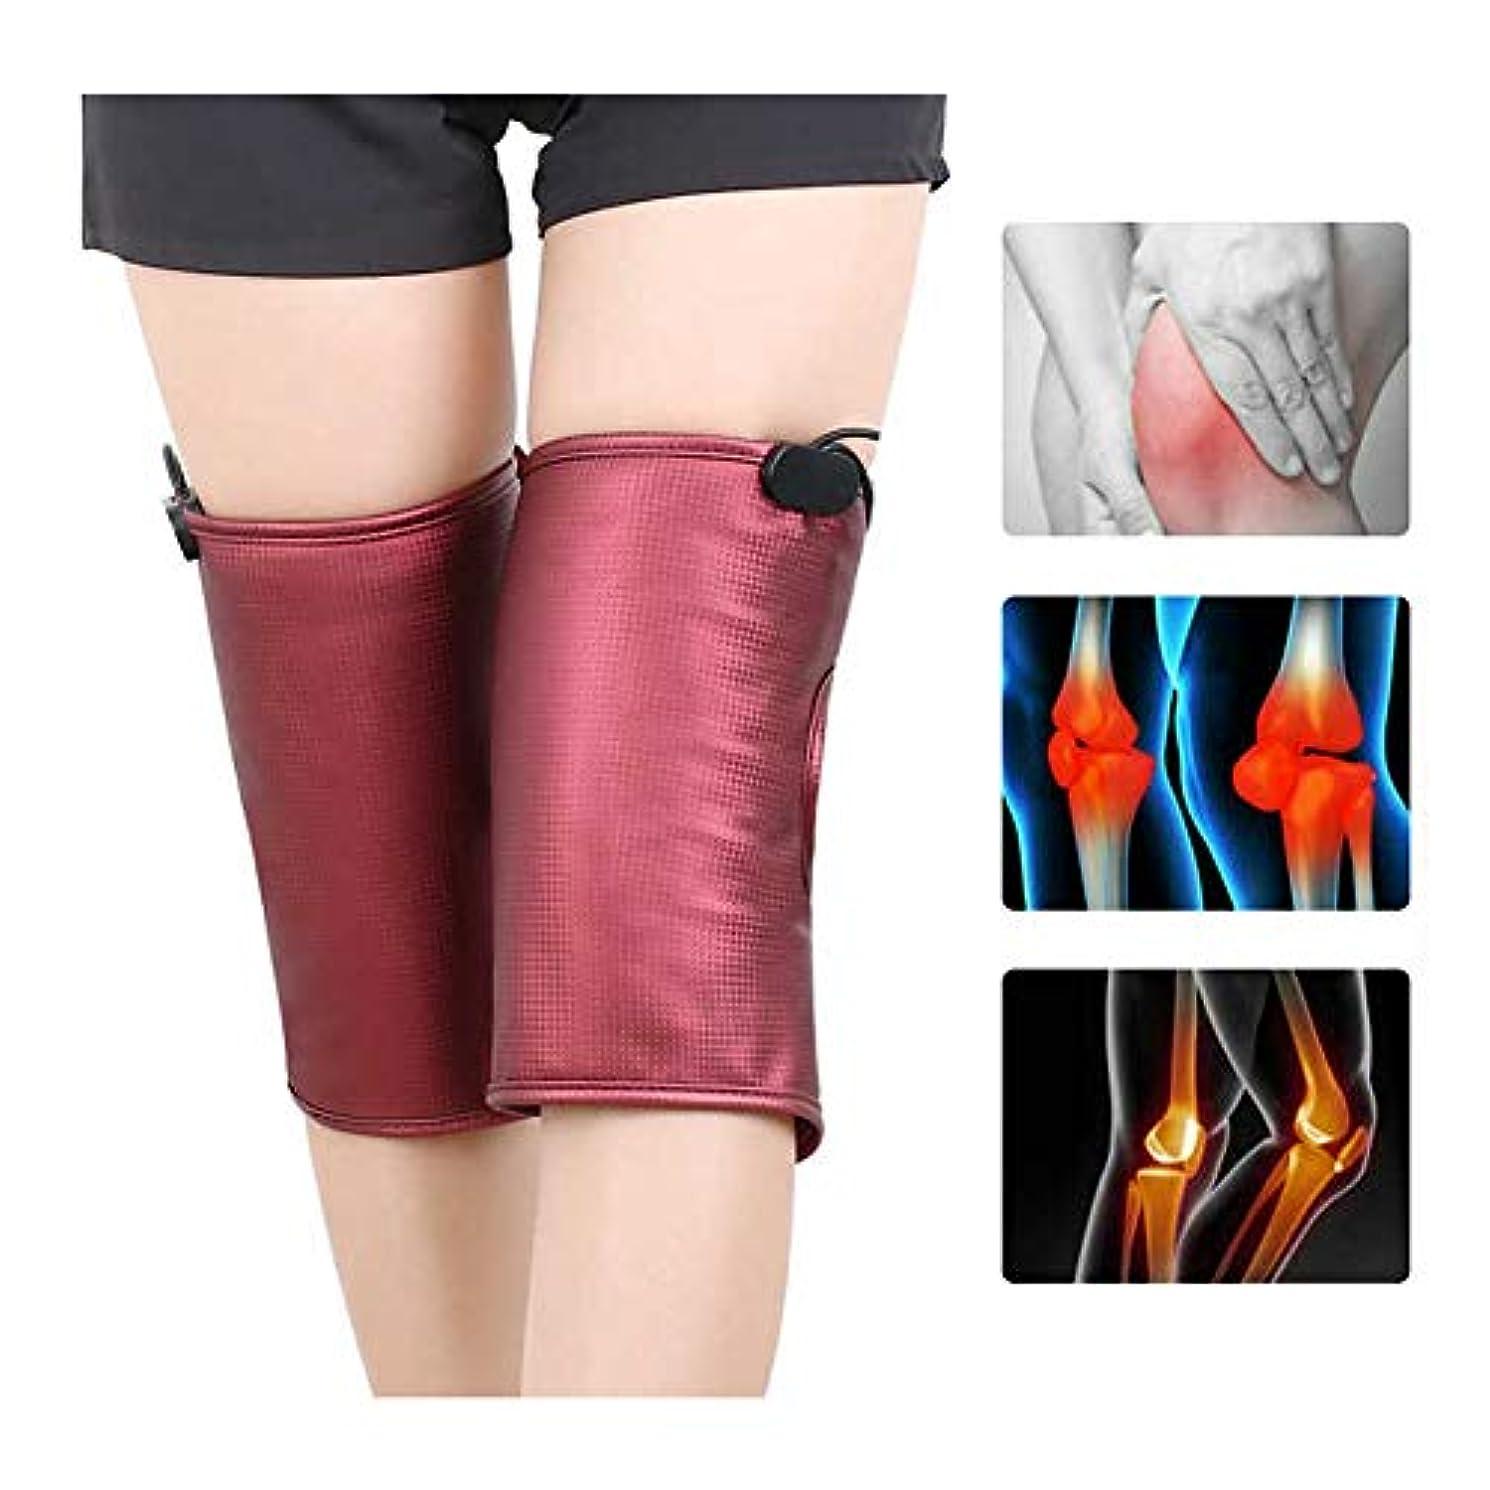 晴れ予測するやめる関節炎のための加熱された膝装具サポート1対加熱療法Kneepads-赤外線マッサージラップ膝の痛みの軽減